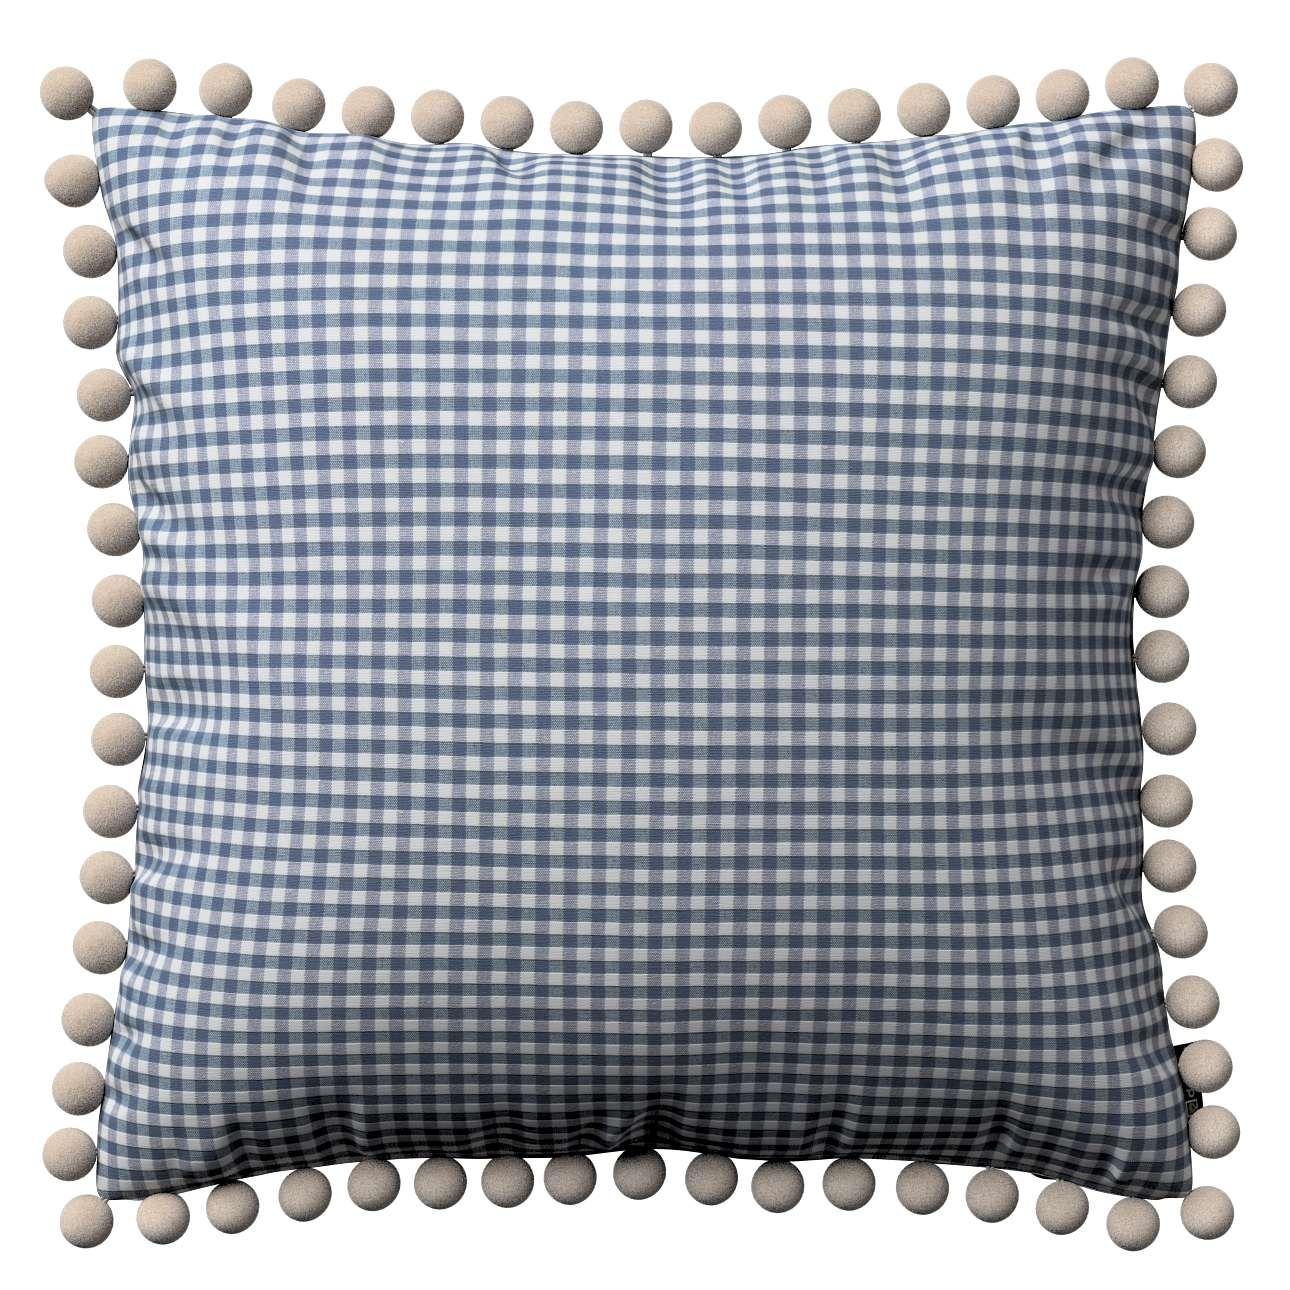 Wera dekoratyvinės pagalvėlės su žaismingais kraštais 45 x 45 cm kolekcijoje Quadro, audinys: 136-00